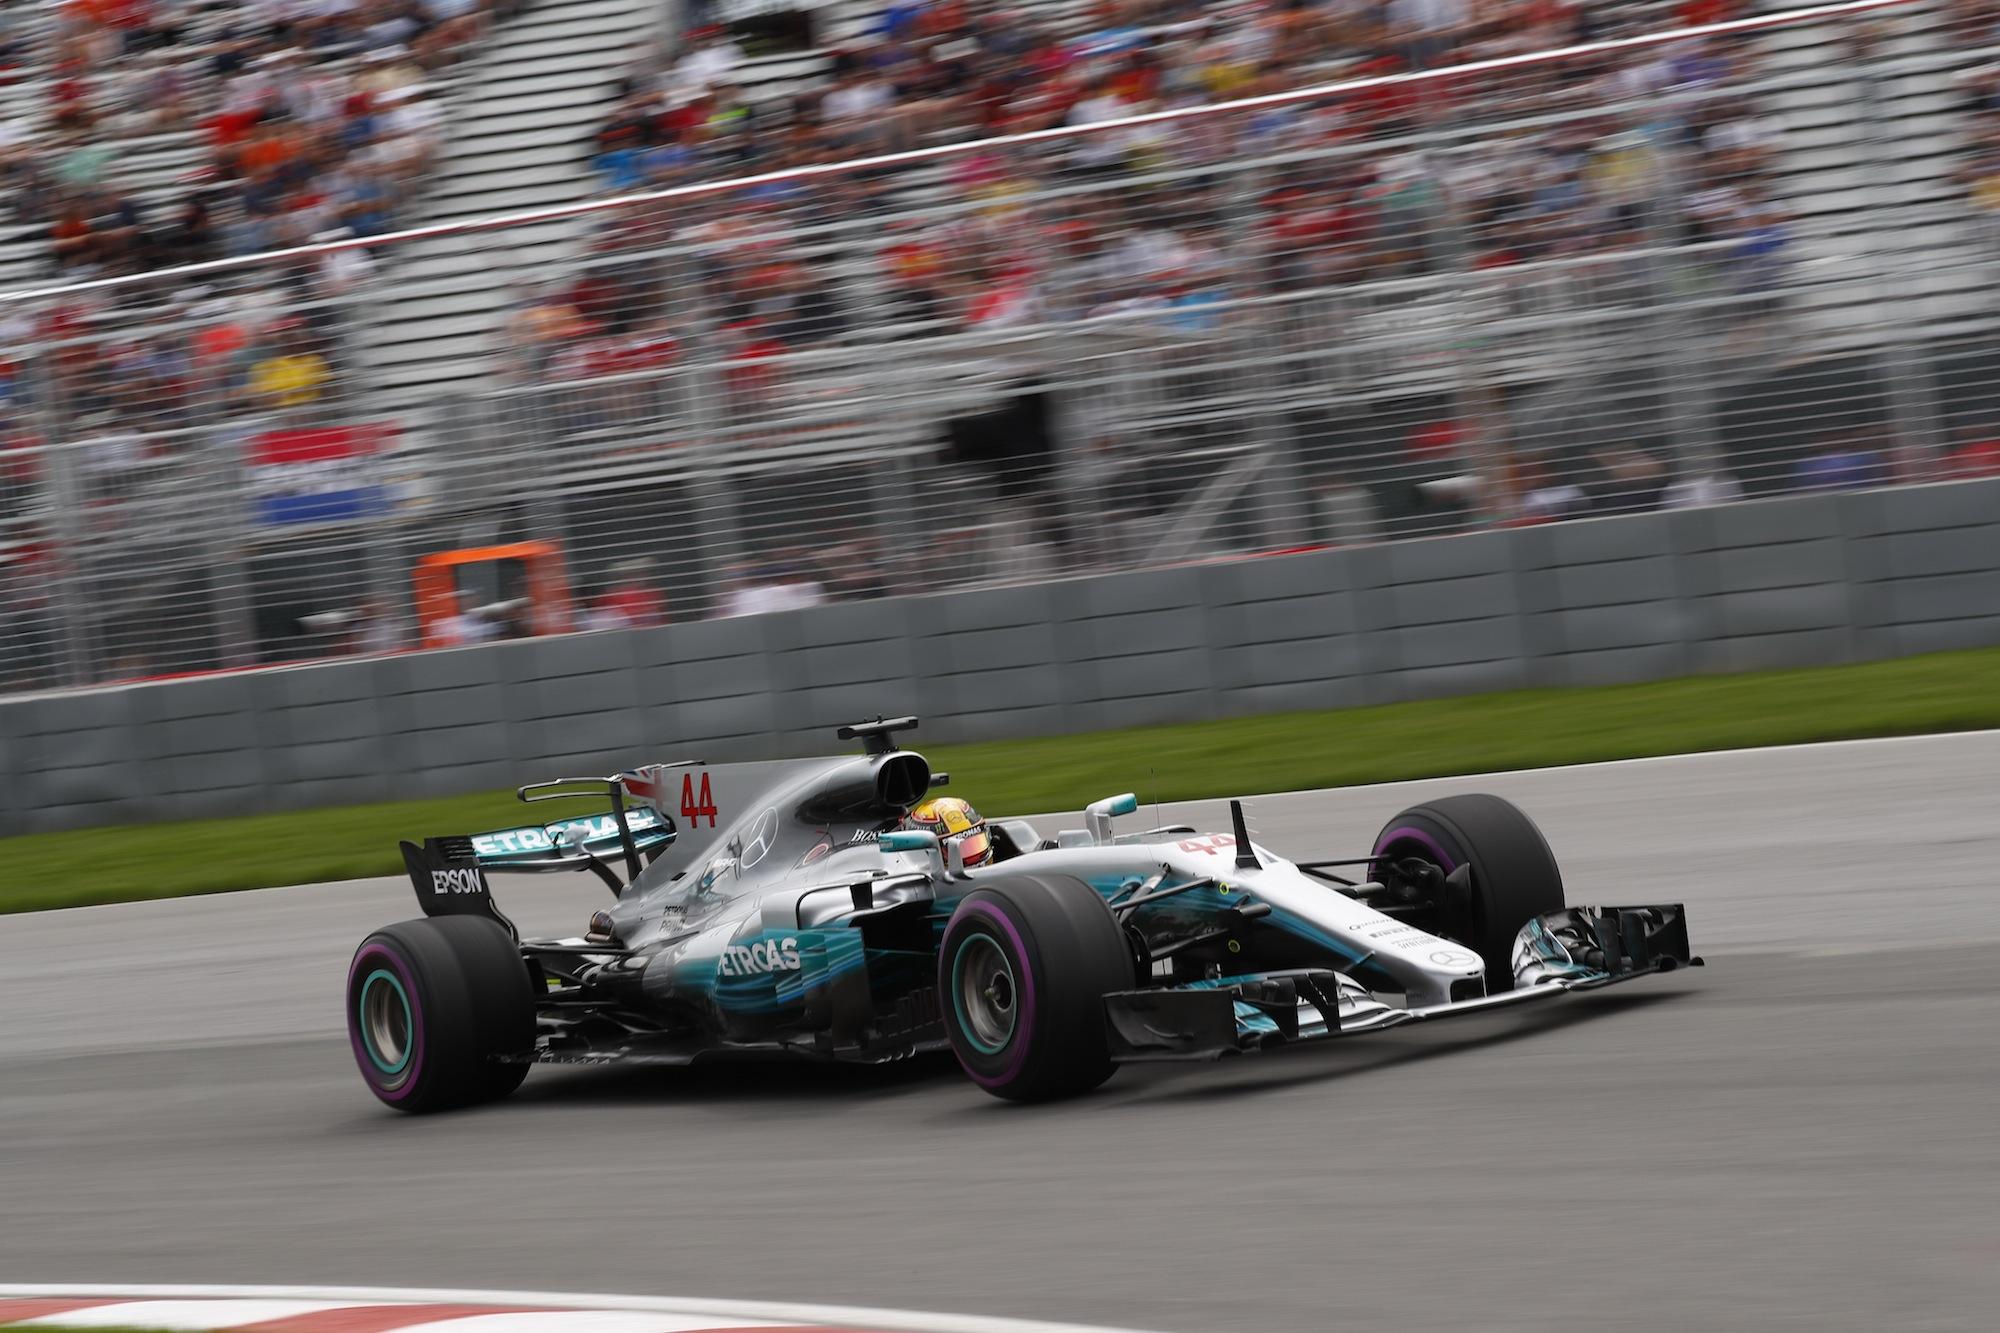 Formel 1 - Mercedes-AMG Petronas Motorsport, Großer Preis von Kanada 2017. Lewis Hamilton   Formula One - Mercedes-AMG Petronas Motorsport, Canadian GP 2017. Lewis Hamilton